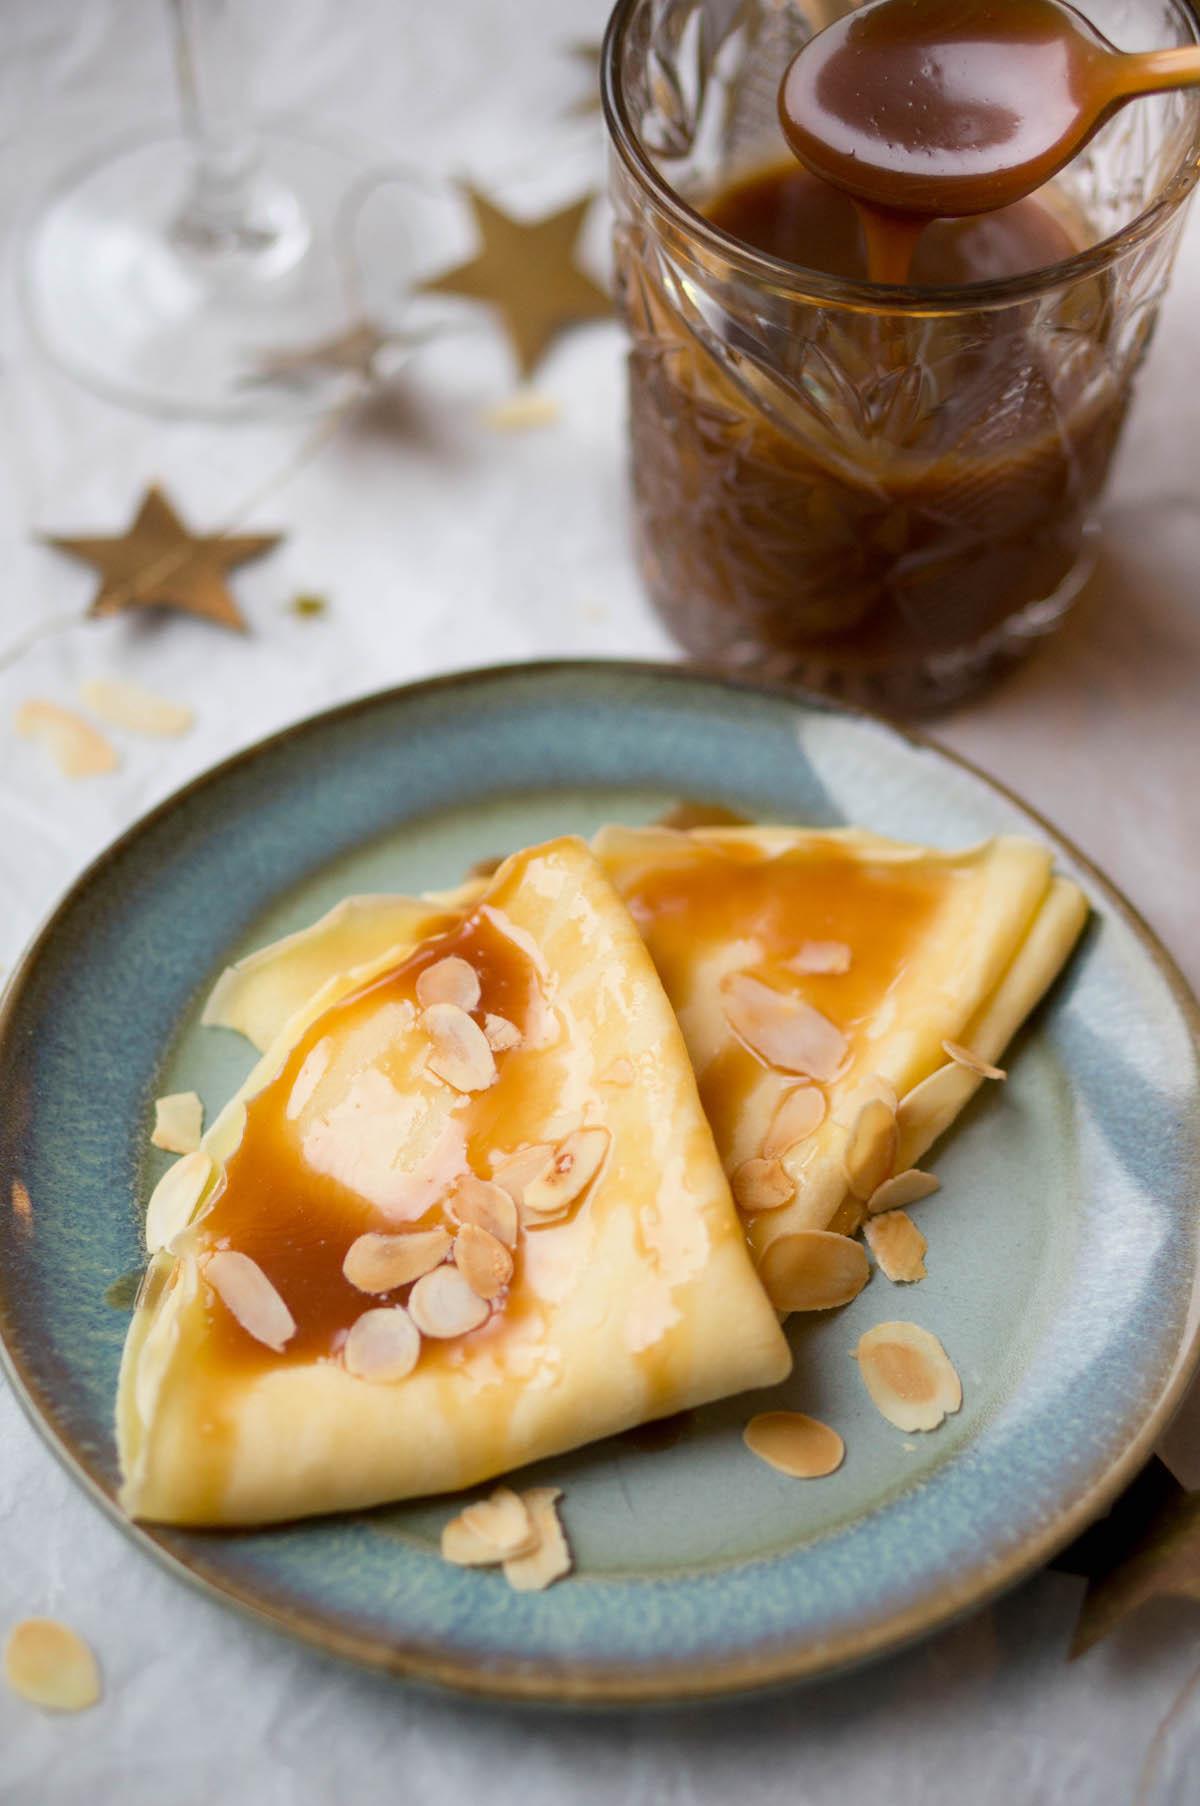 Crêpes met salted caramel: een snel en makkelijk toetje